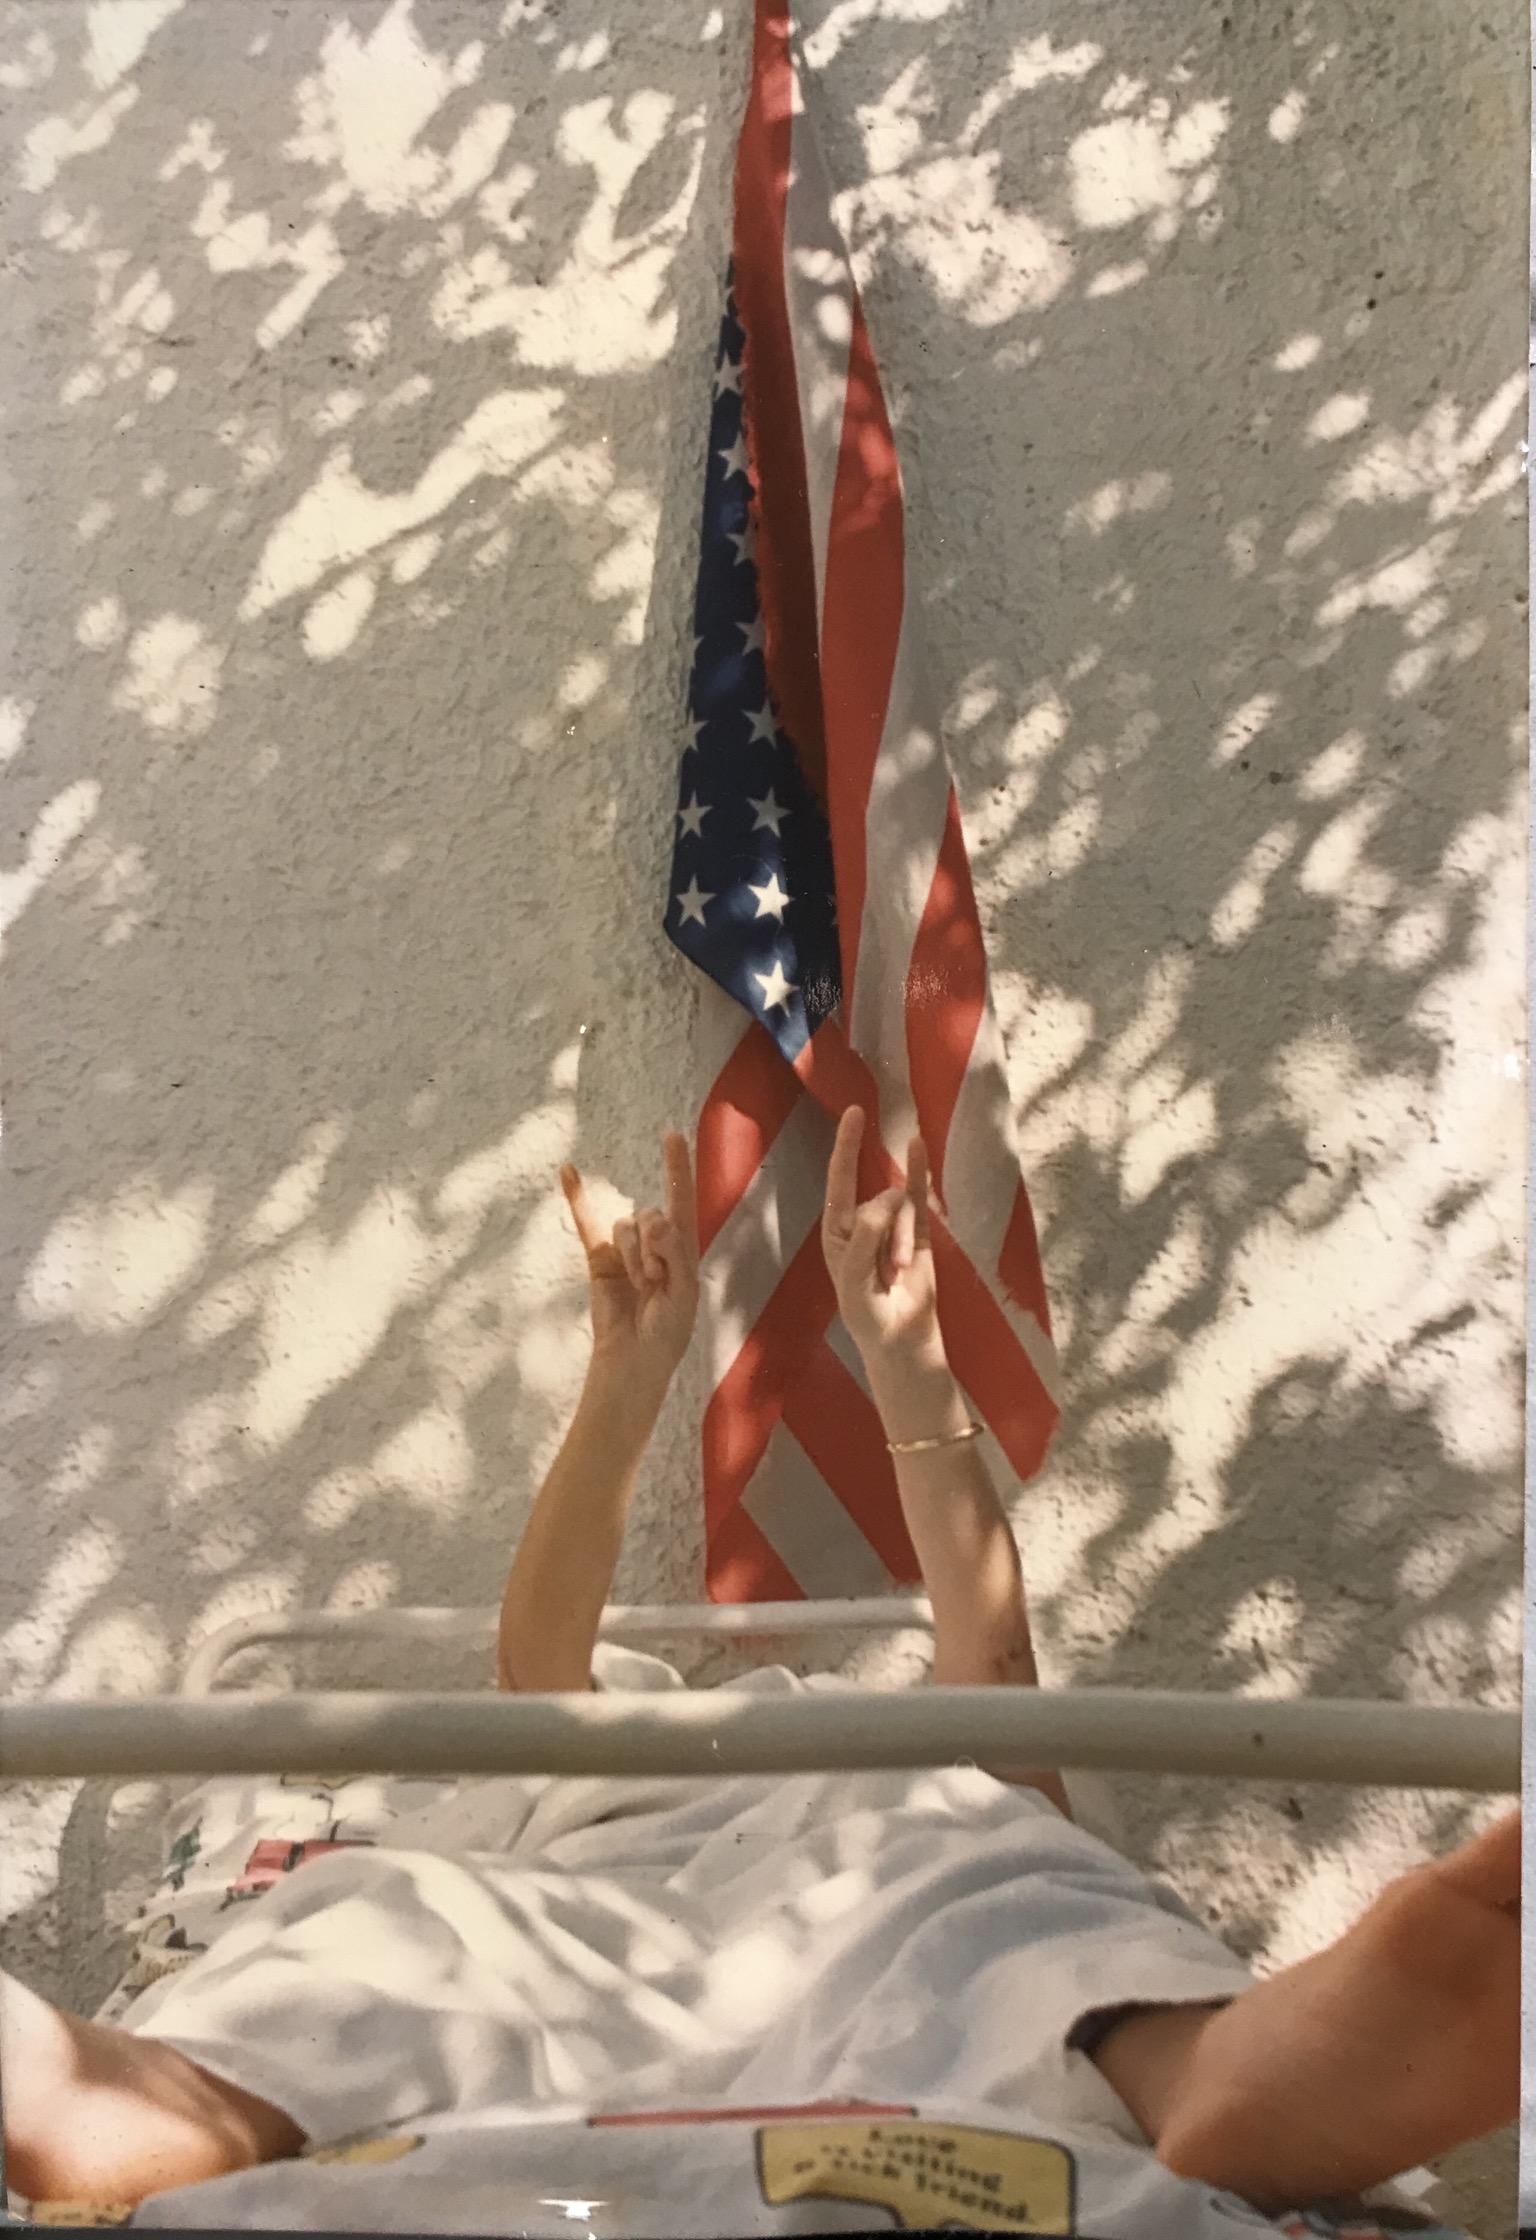 L'immagine mostra una donna vestita di bianco, sdraiata su un lettino, mentre con entrambe le mani fa il gesto delle corna. la scena si svolge all'aperto, davanti ad un muro bianco su cui è appesa una bandiera degli Stati Uniti d'America. Sul muro e sulla bandiera sono proiettate le ombre delle fronde di un albero